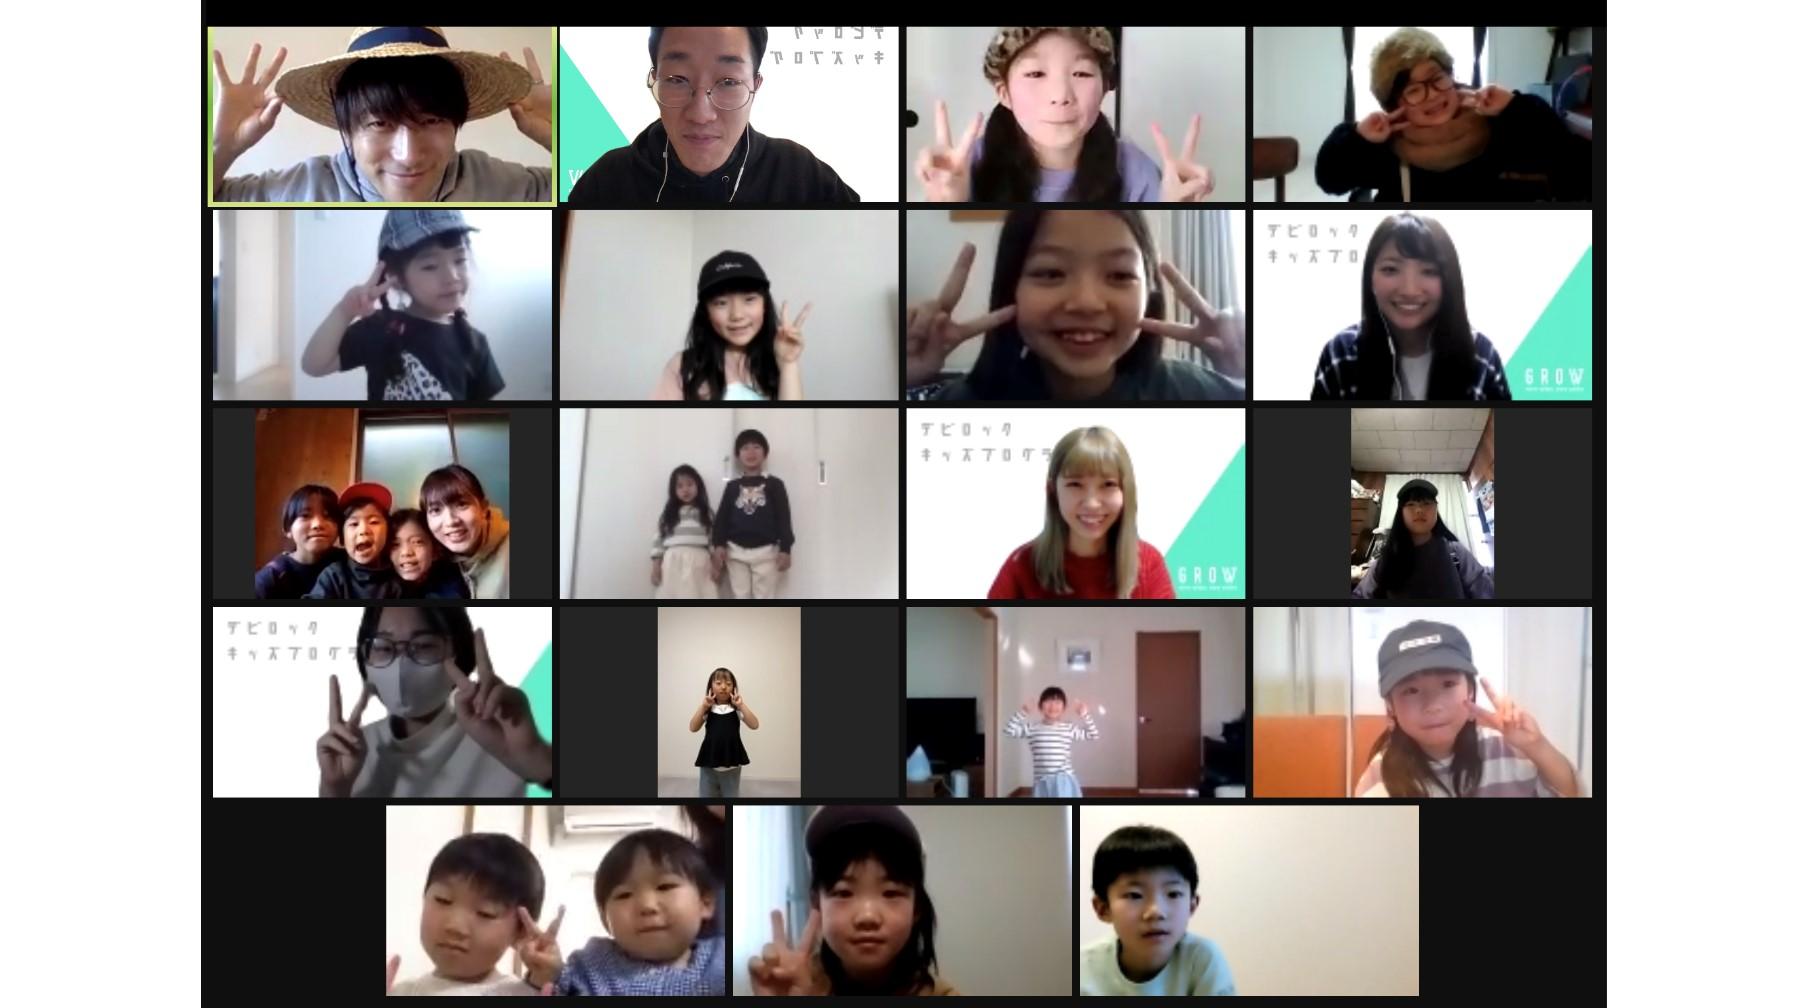 デビロックキッズプログラム『目指せ!カラーコーディネーター ~6歳からの色のプロ~』仙台市の子ども達を対象にオンライン開催